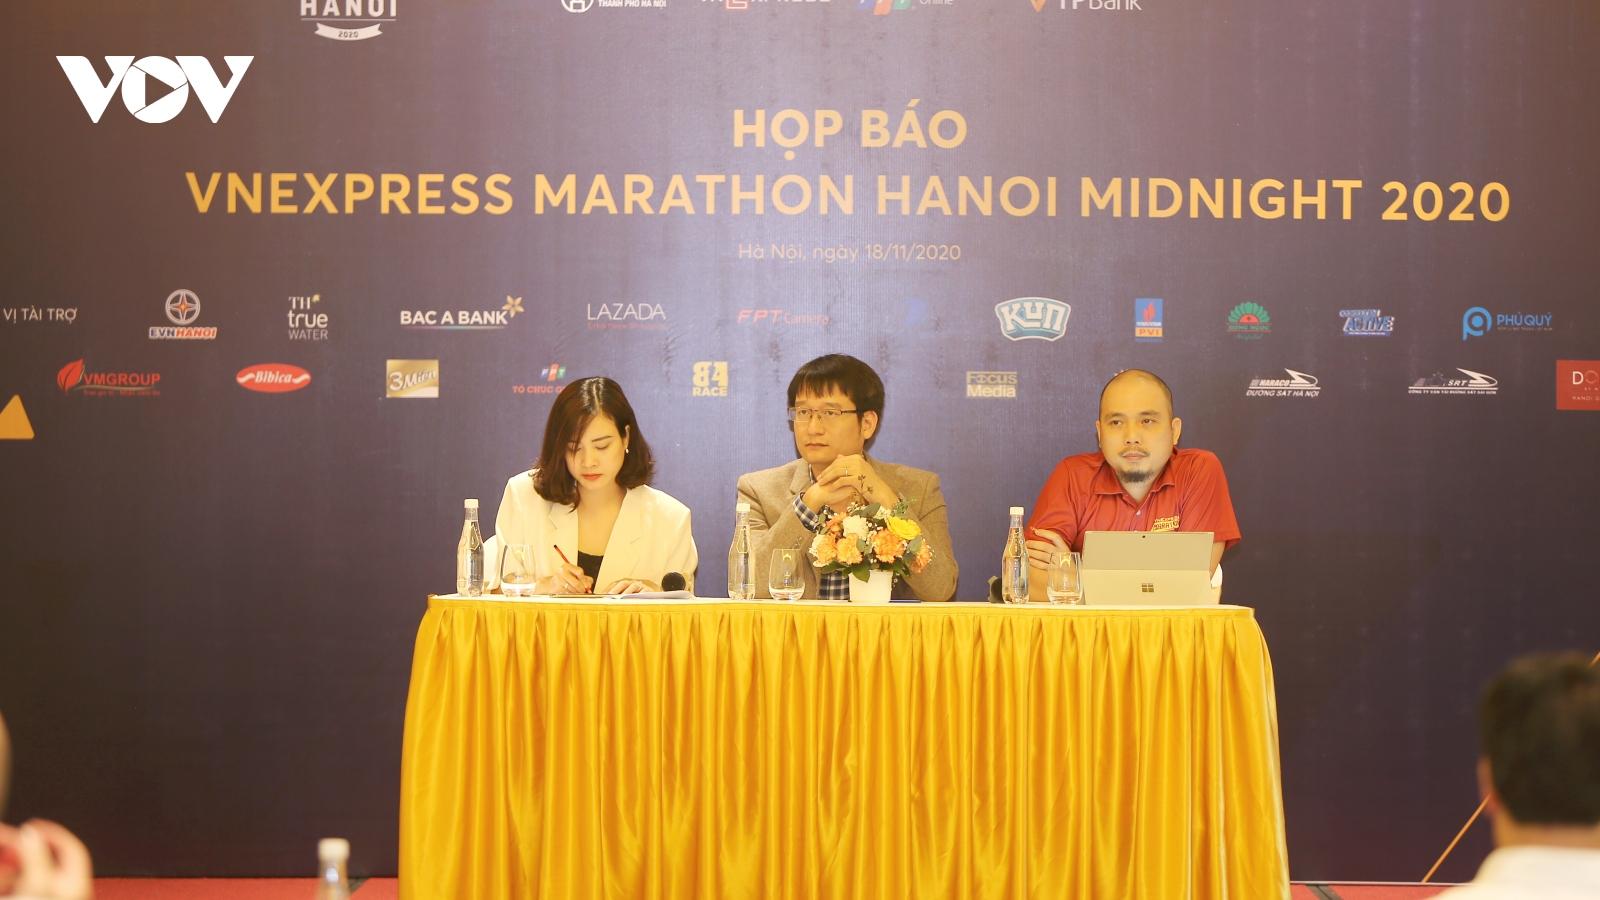 Cảm nhận đêm đông thủ đô cùng giải chạy đêm VnExpress Marathon Hanoi Midnight 2020